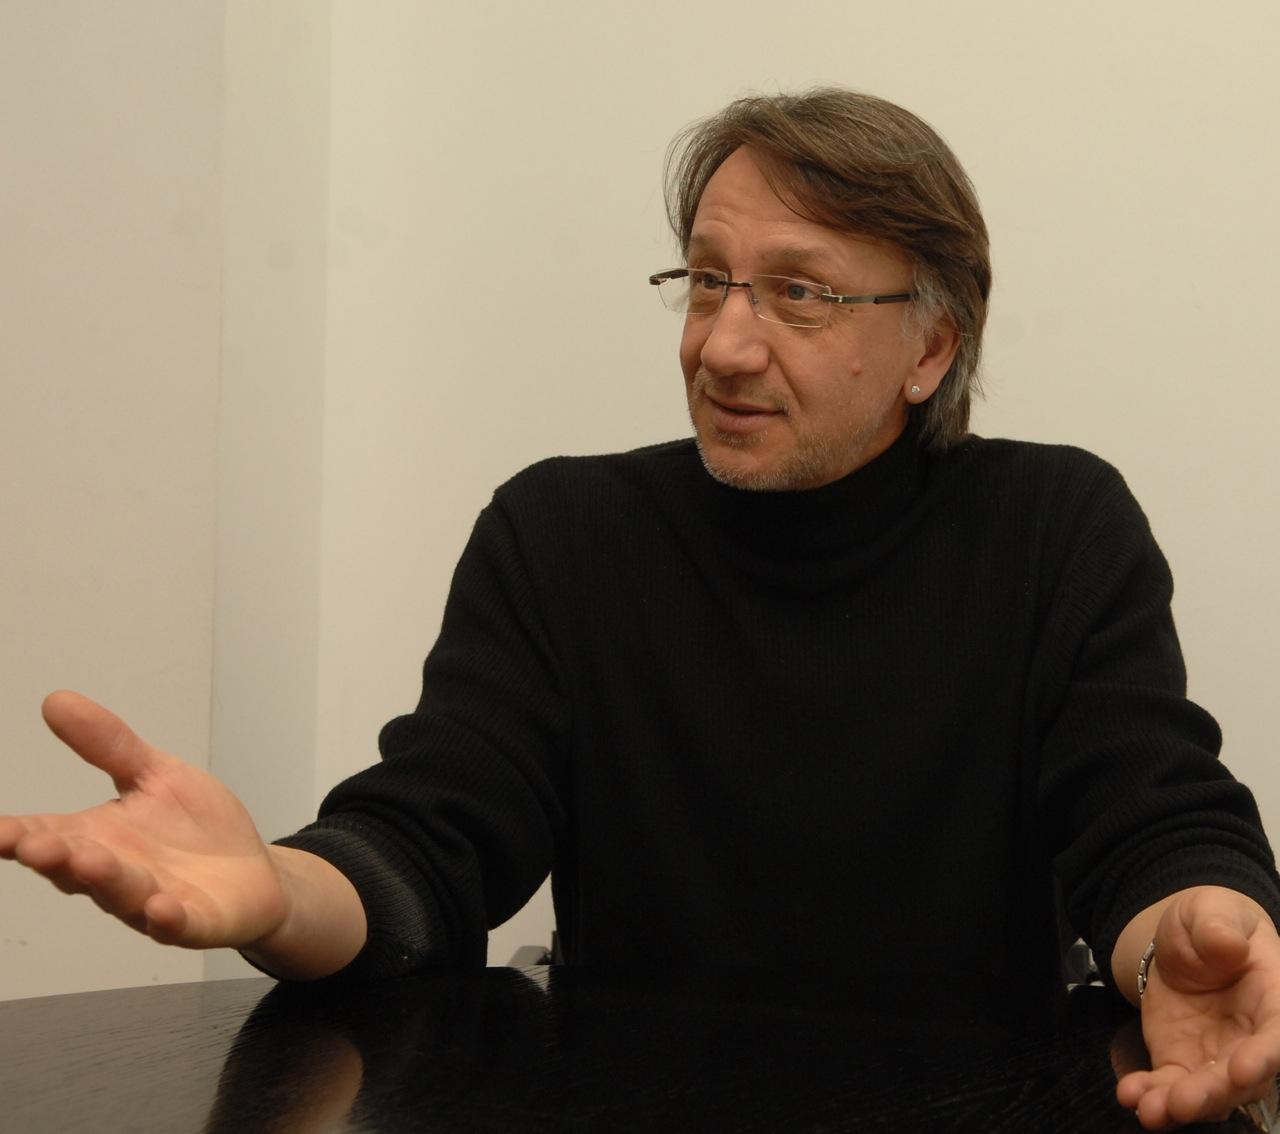 Libertiamo sbaglia a stare col centro. Intervista a Michele Boldrin/2